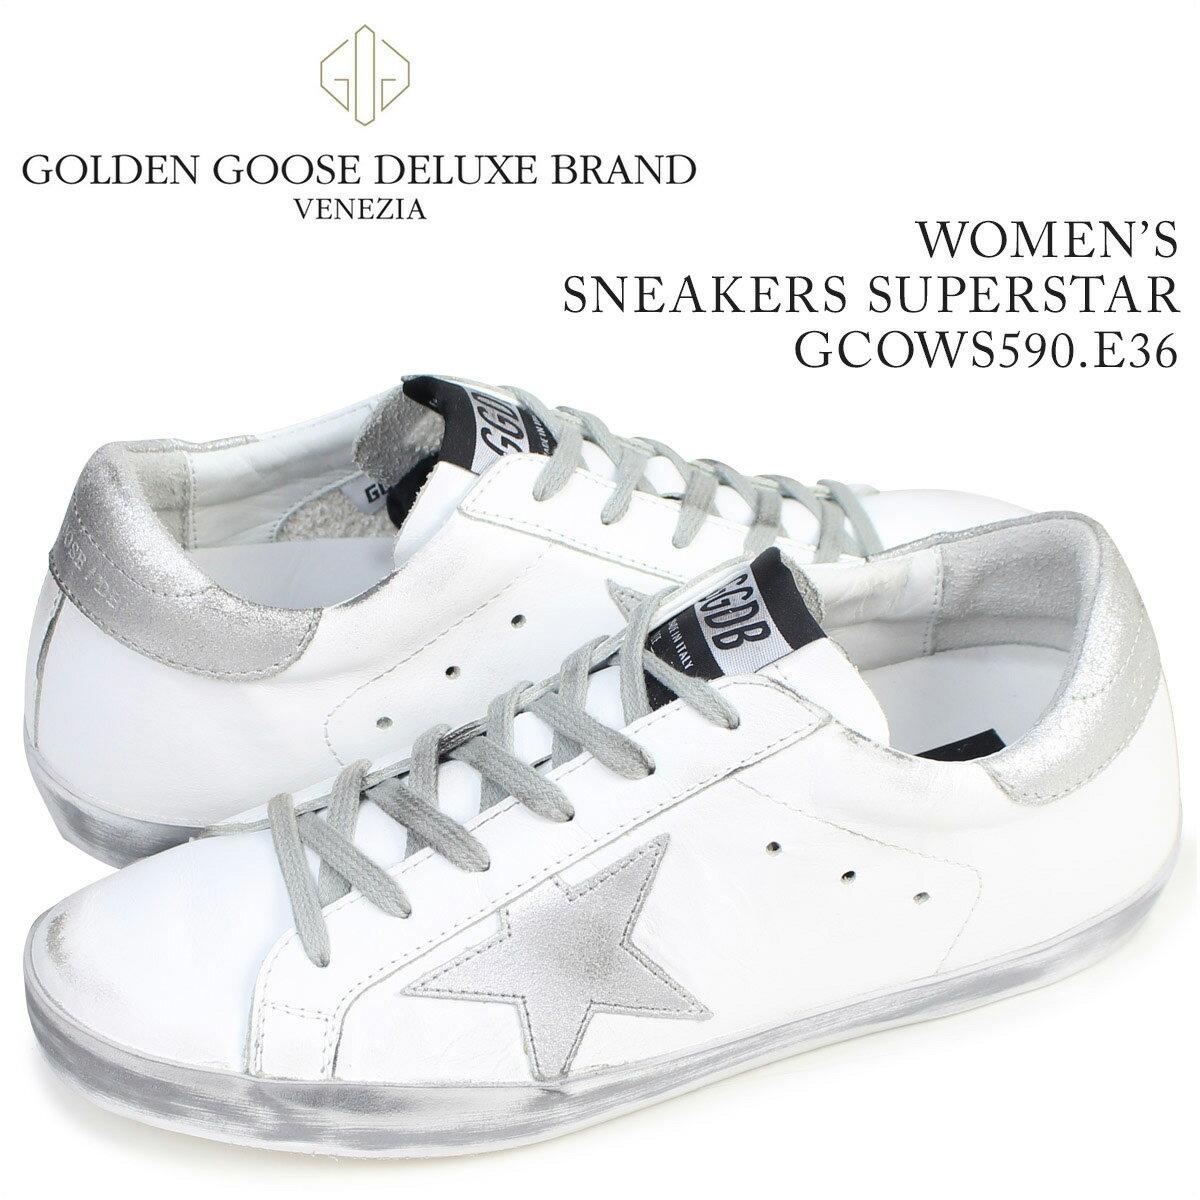 ゴールデングース Golden Goose スニーカー レディース スーパースター  SNEAKERS SUPERSTAR  イタリア製 GCOWS590 E36 靴 ホワイト [7/19 新入荷]:シュガーオンラインショップ